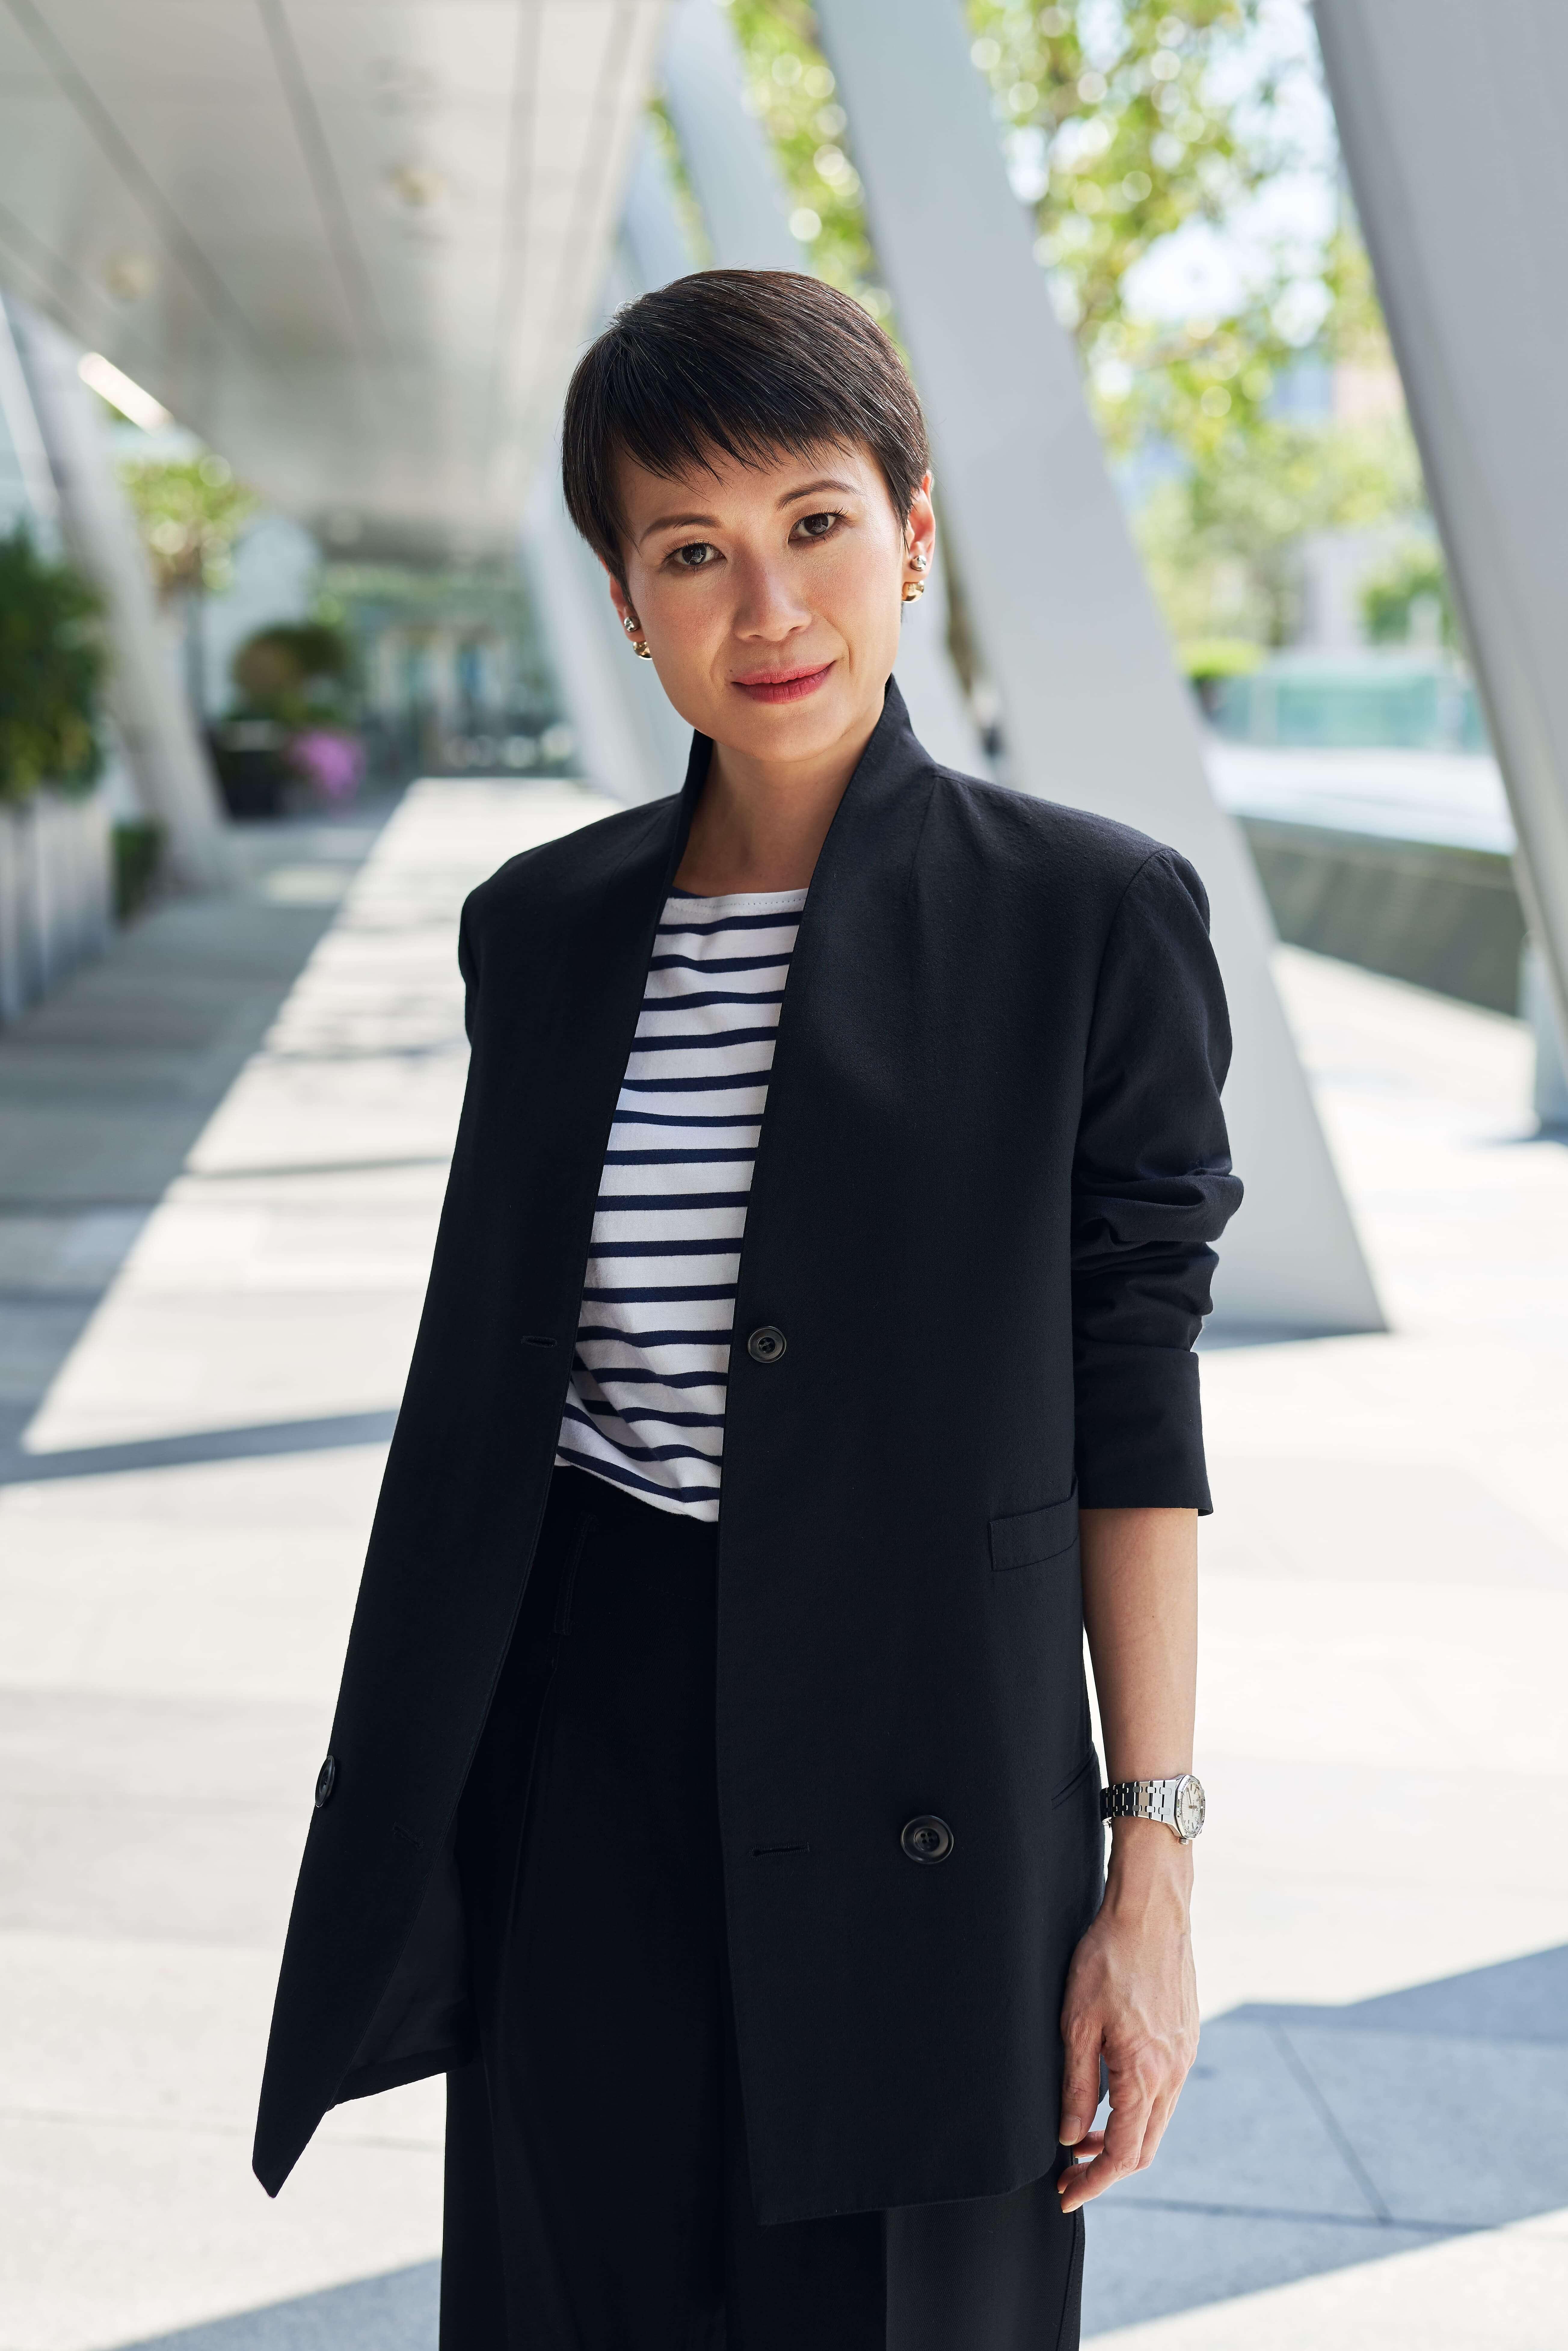 「香港巴塞爾:一個跨越洲際的文化橋樑」─ 專訪香港巴塞爾藝術展亞洲總監黃雅君 Adeline Ooi